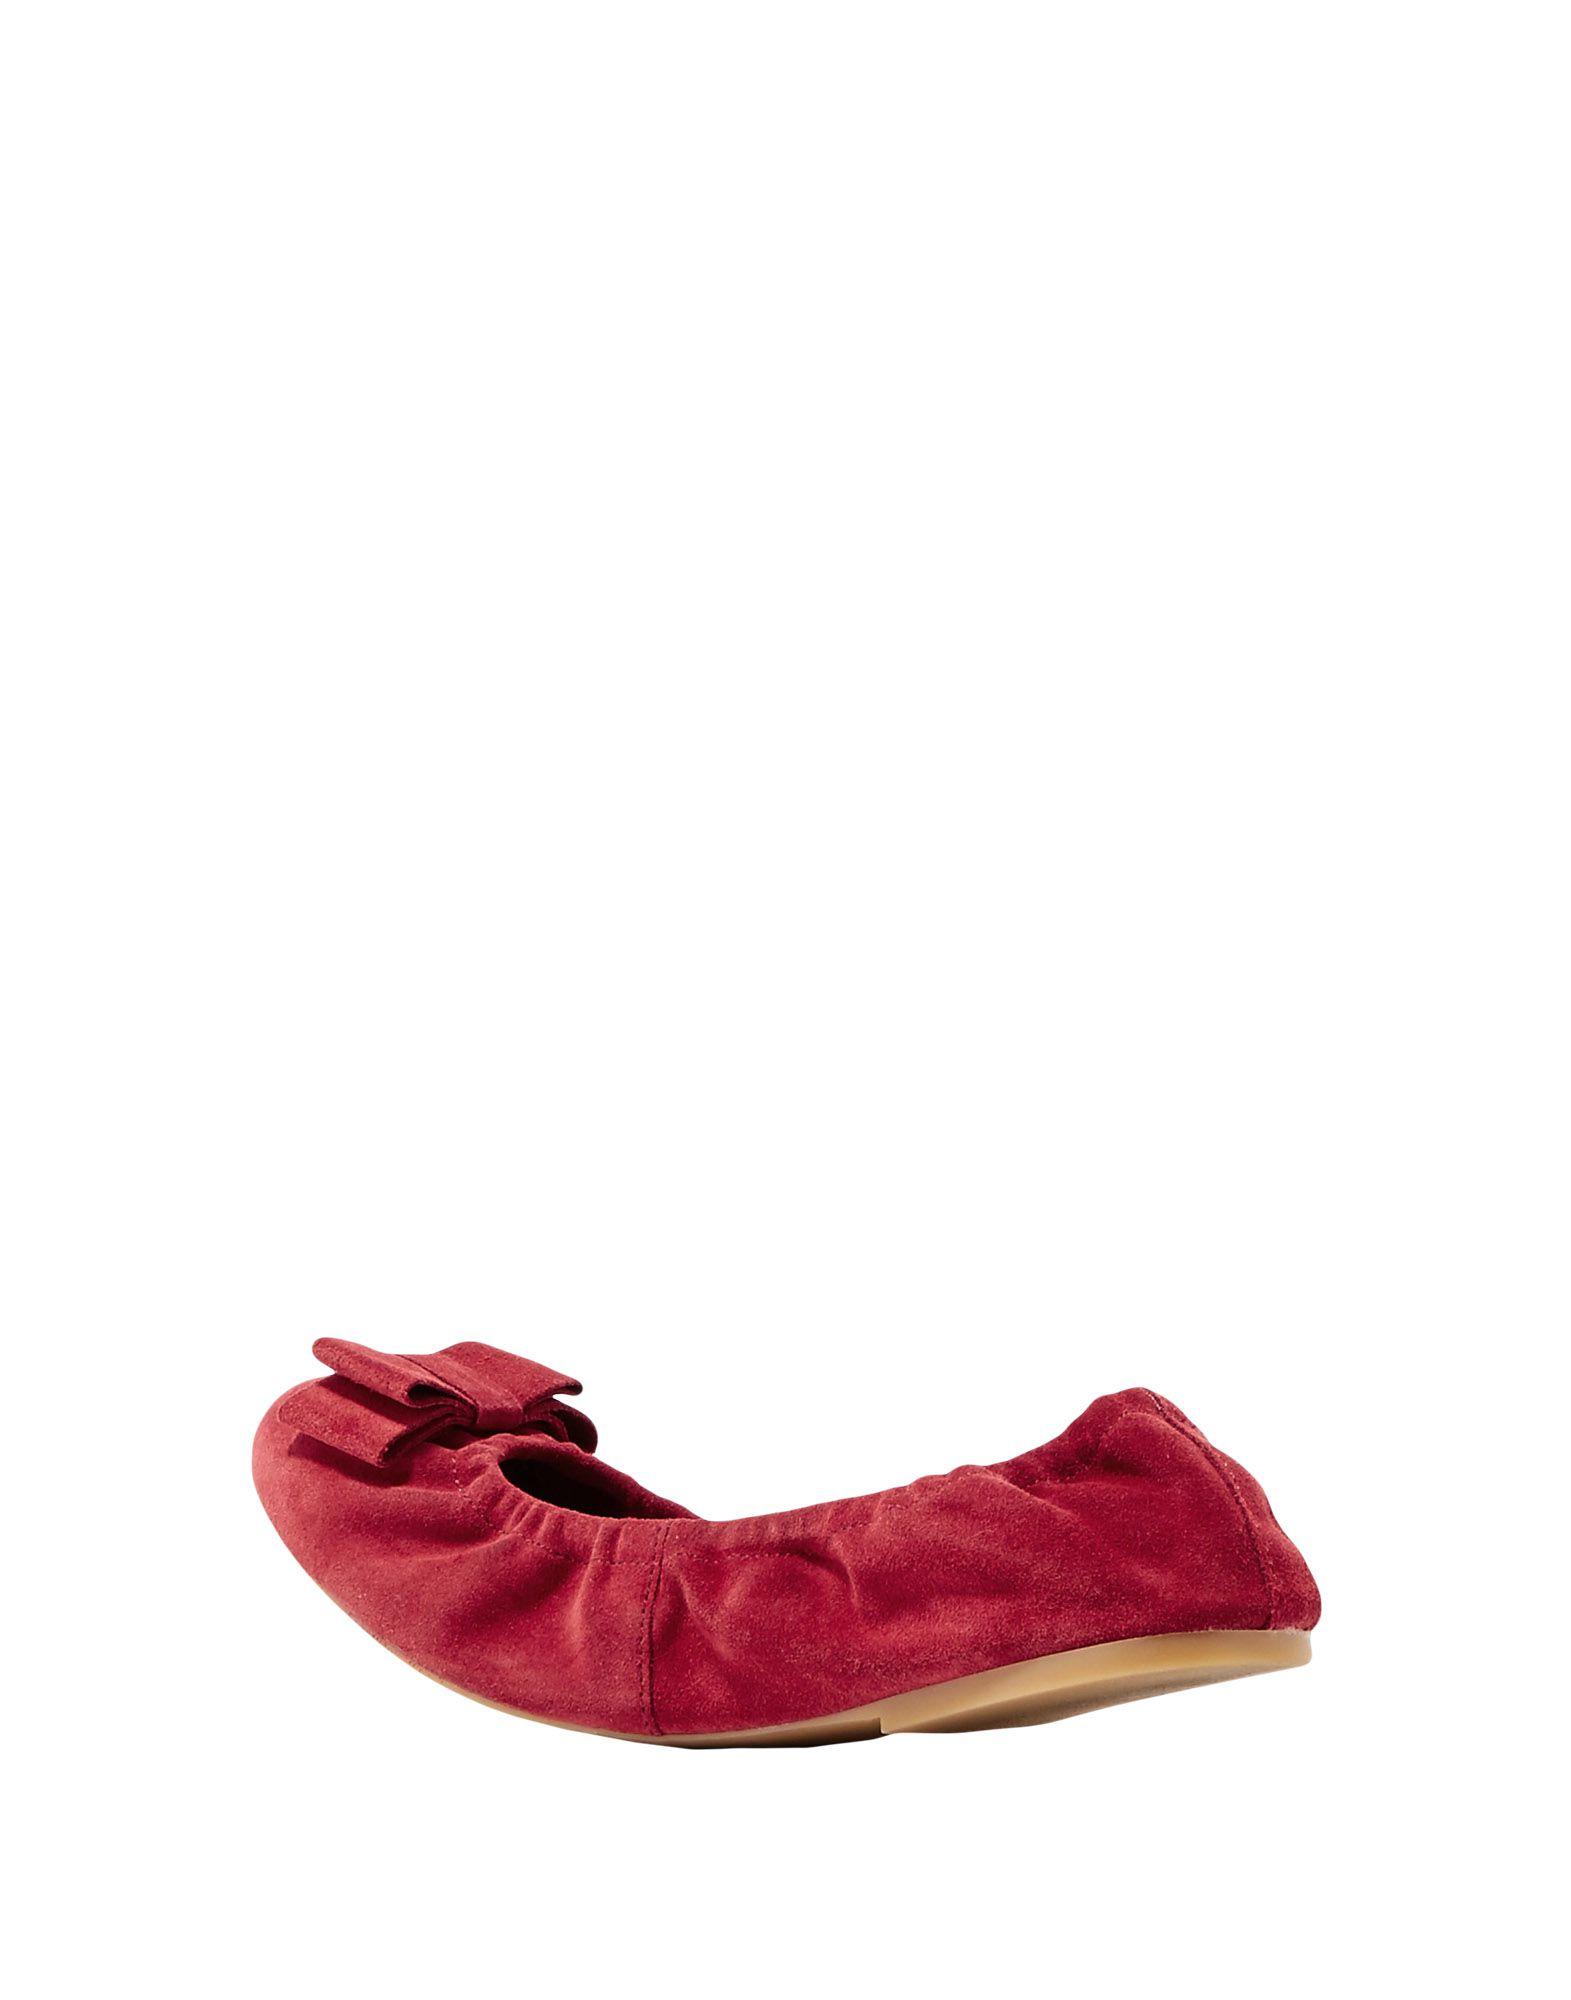 French Ballerinas Sole Ballerinas French Damen  11532034OX Neue Schuhe ee2e53